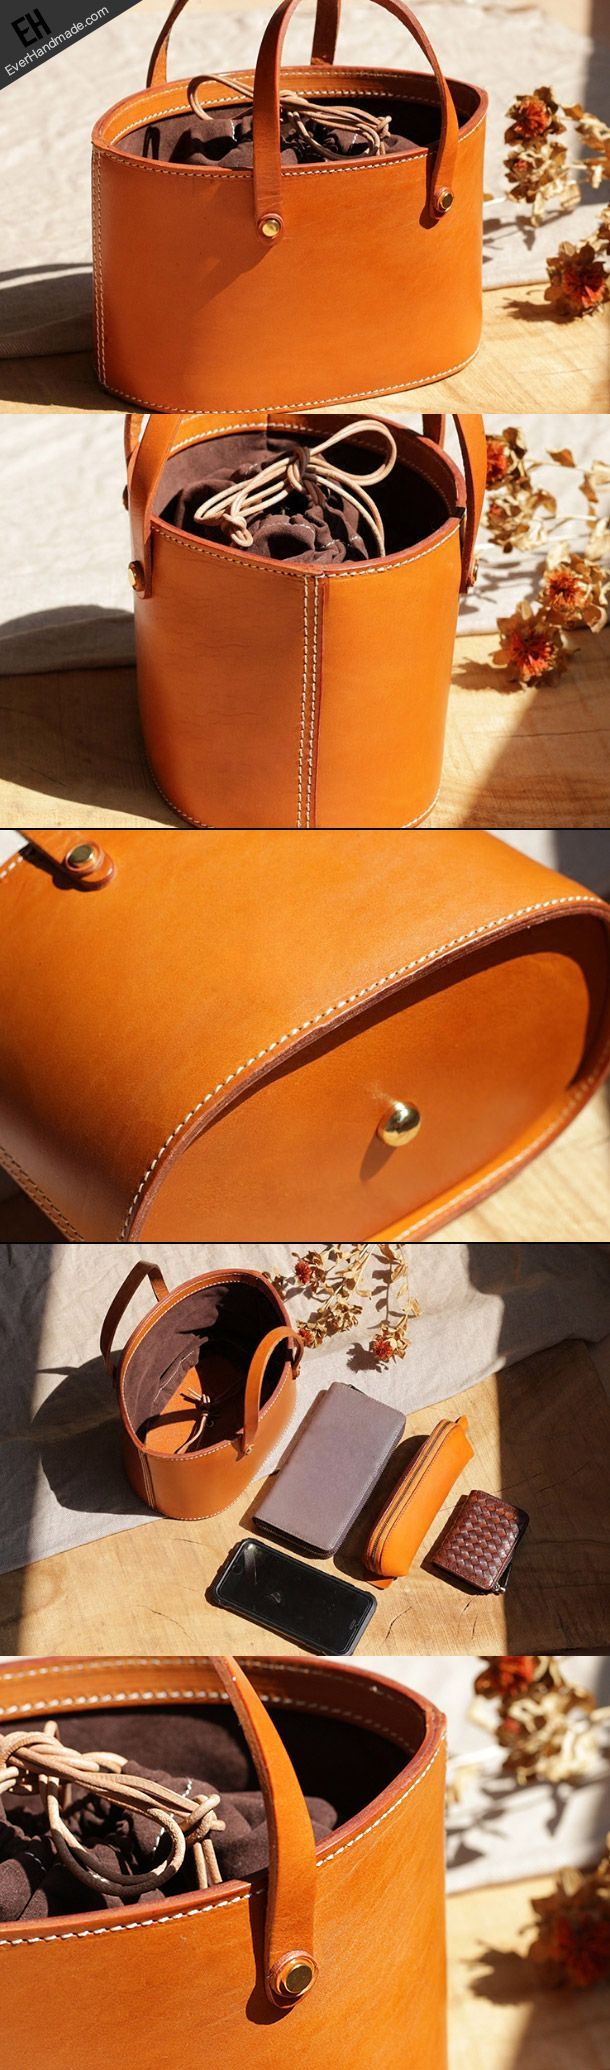 Handmade Leather bucket bag shopper bag for women leather